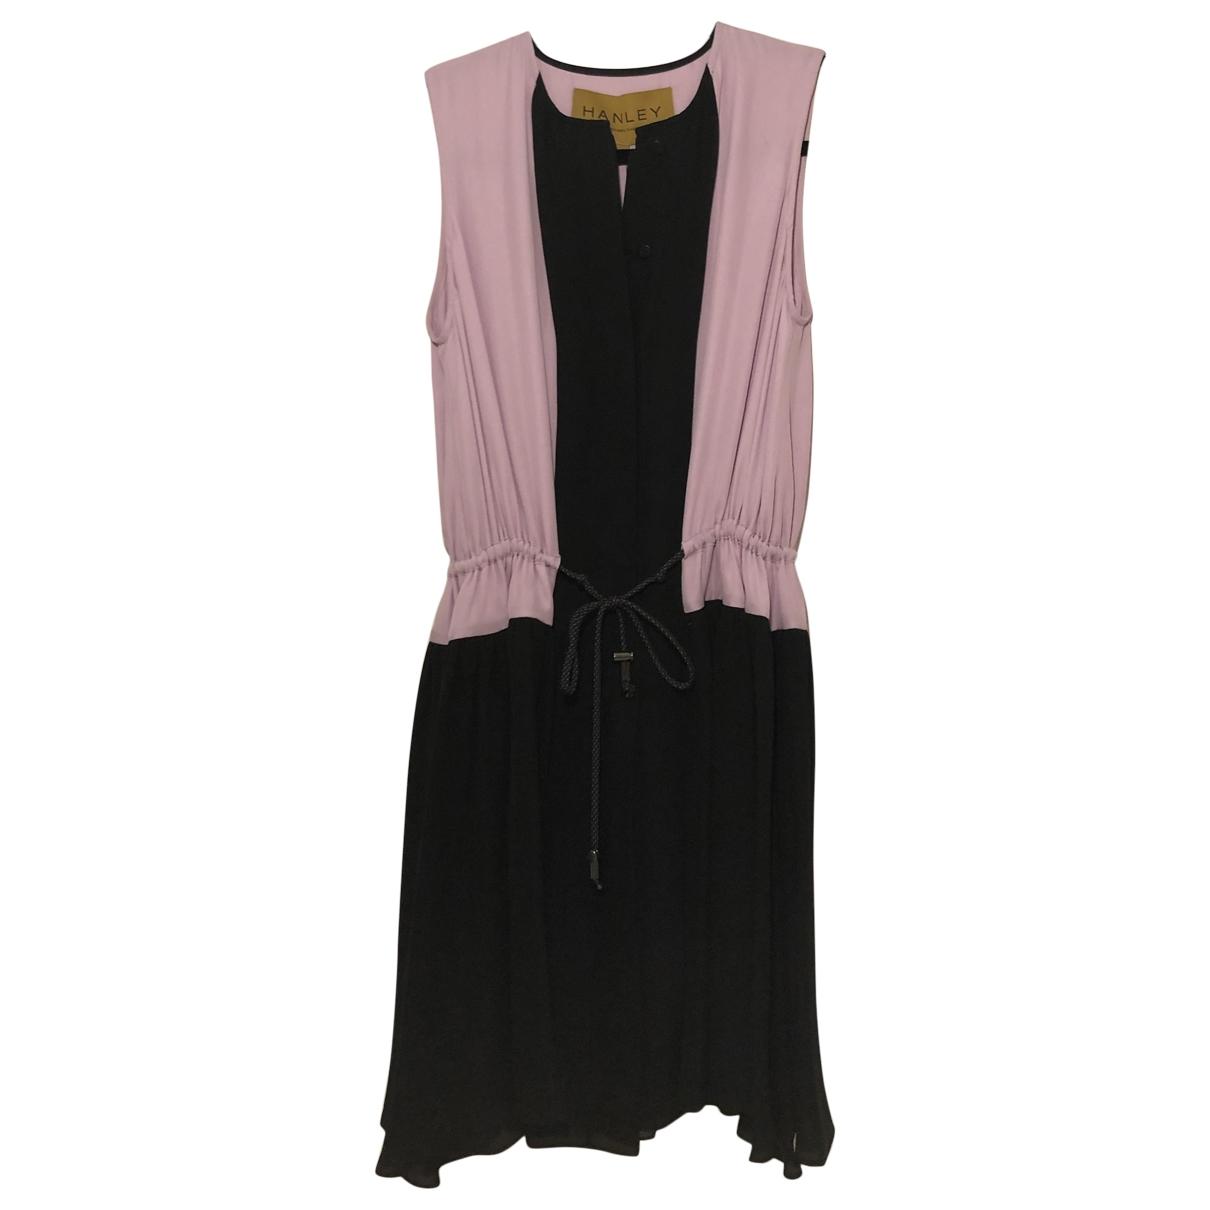 Hanley - Robe   pour femme en soie - violet